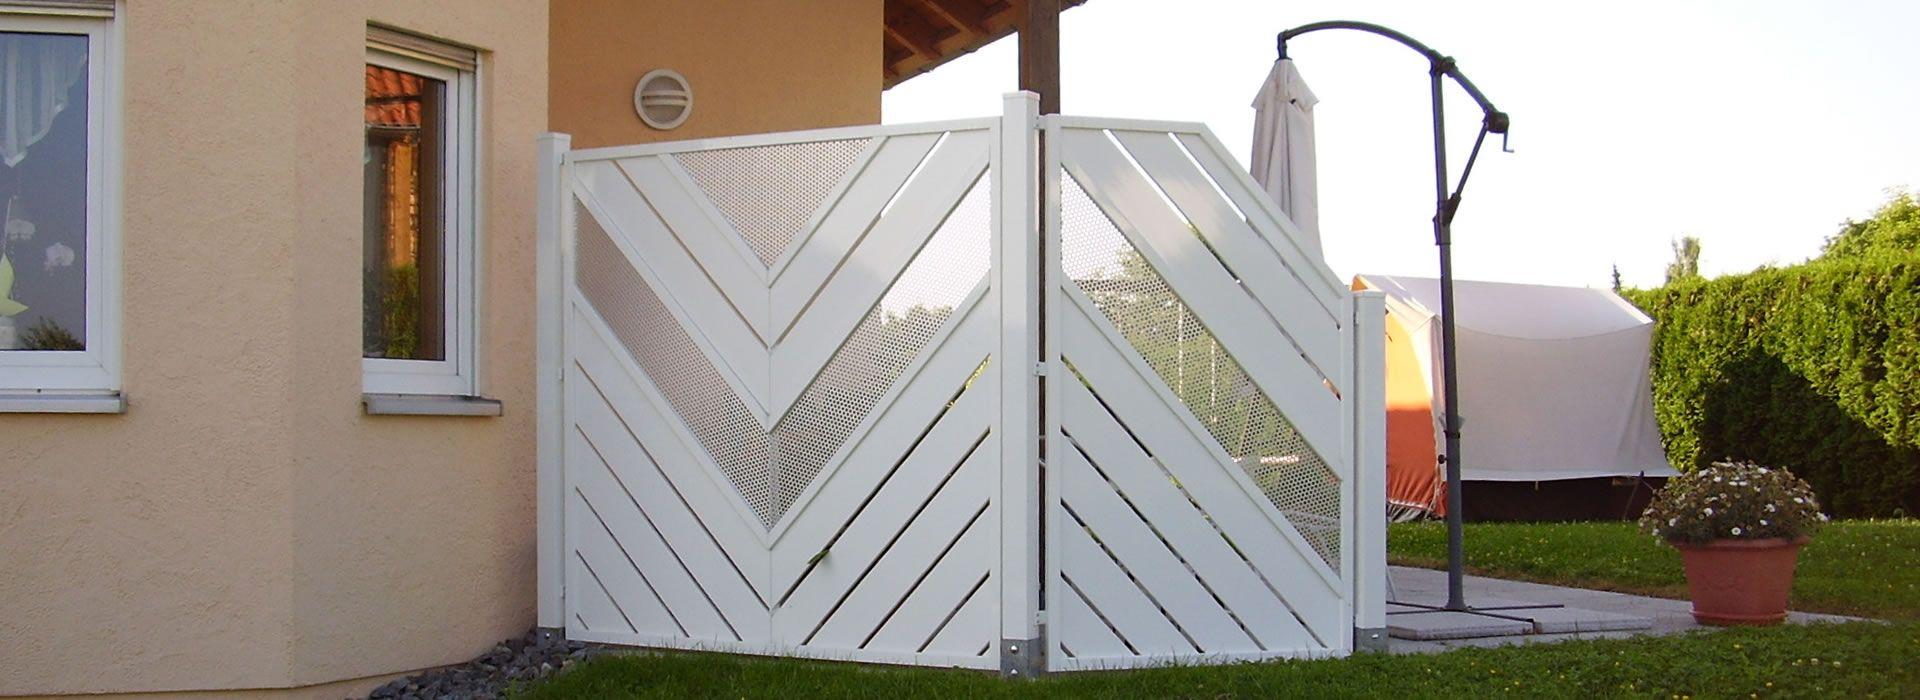 Dieser Balkon Sichtschutz dient gleichzeitig als